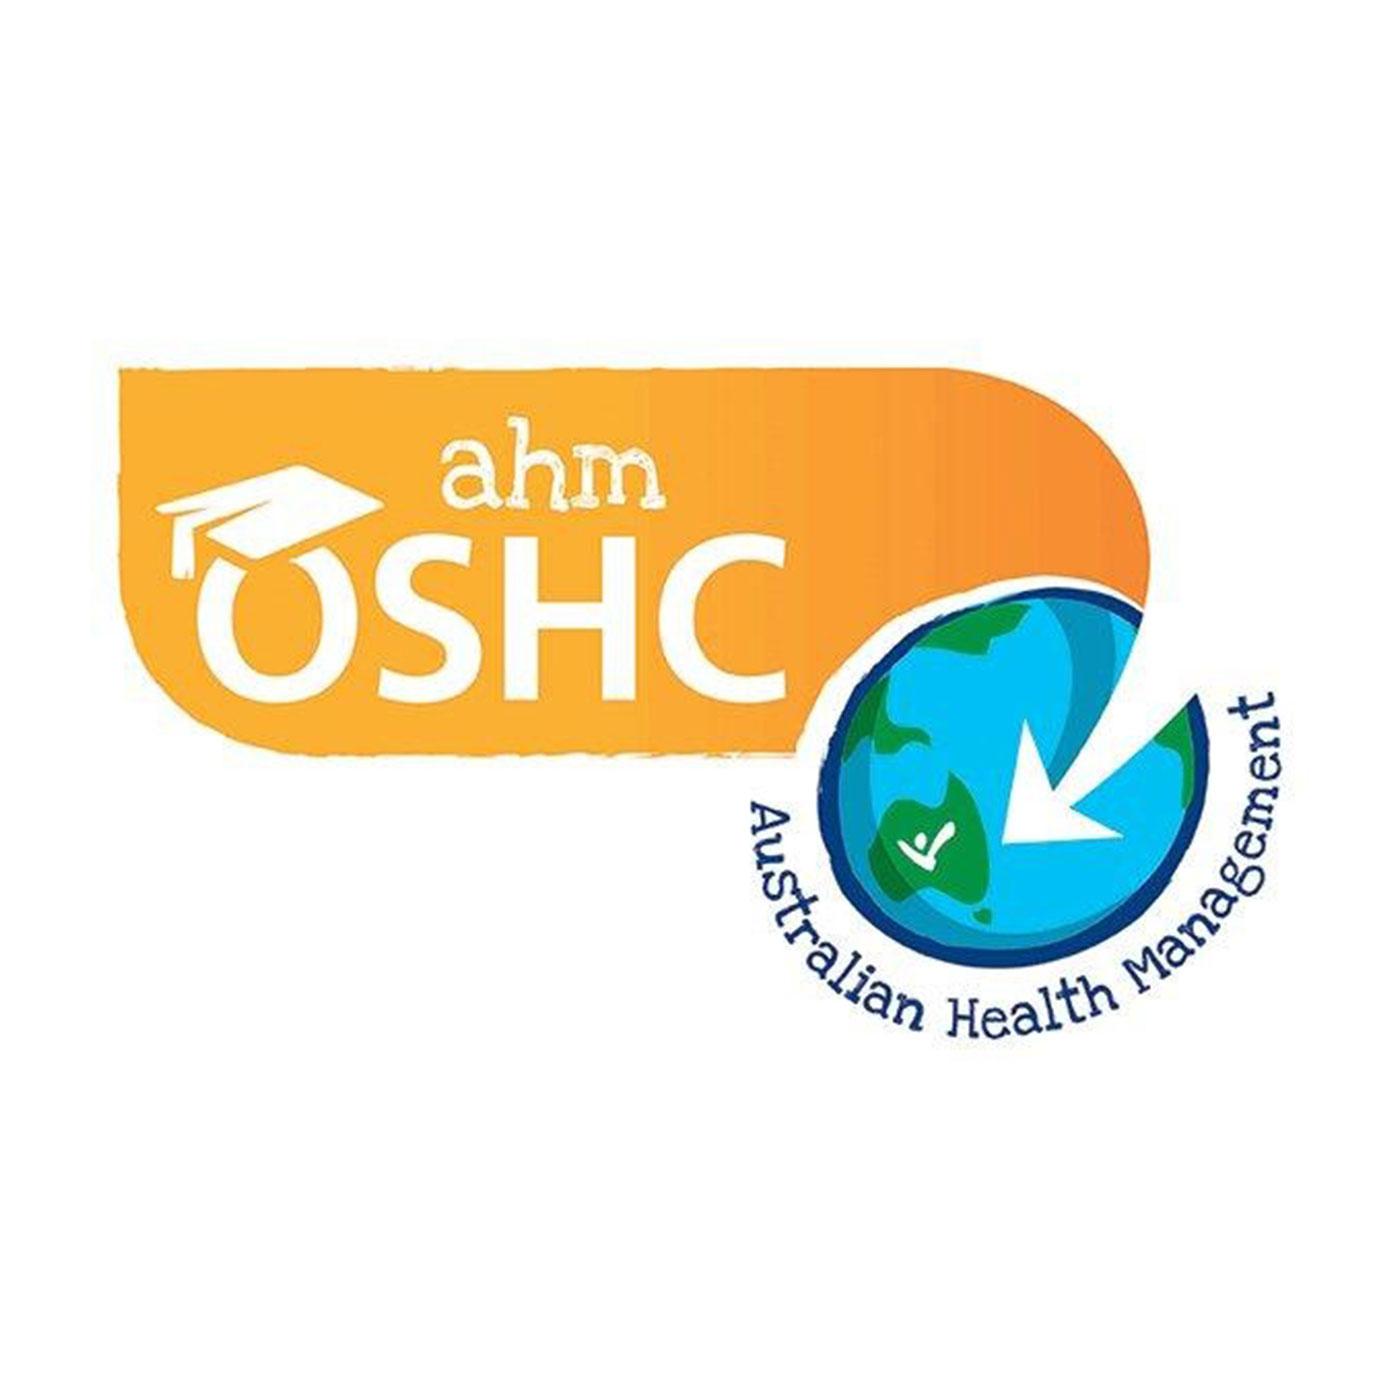 Medibank OSHC insurer